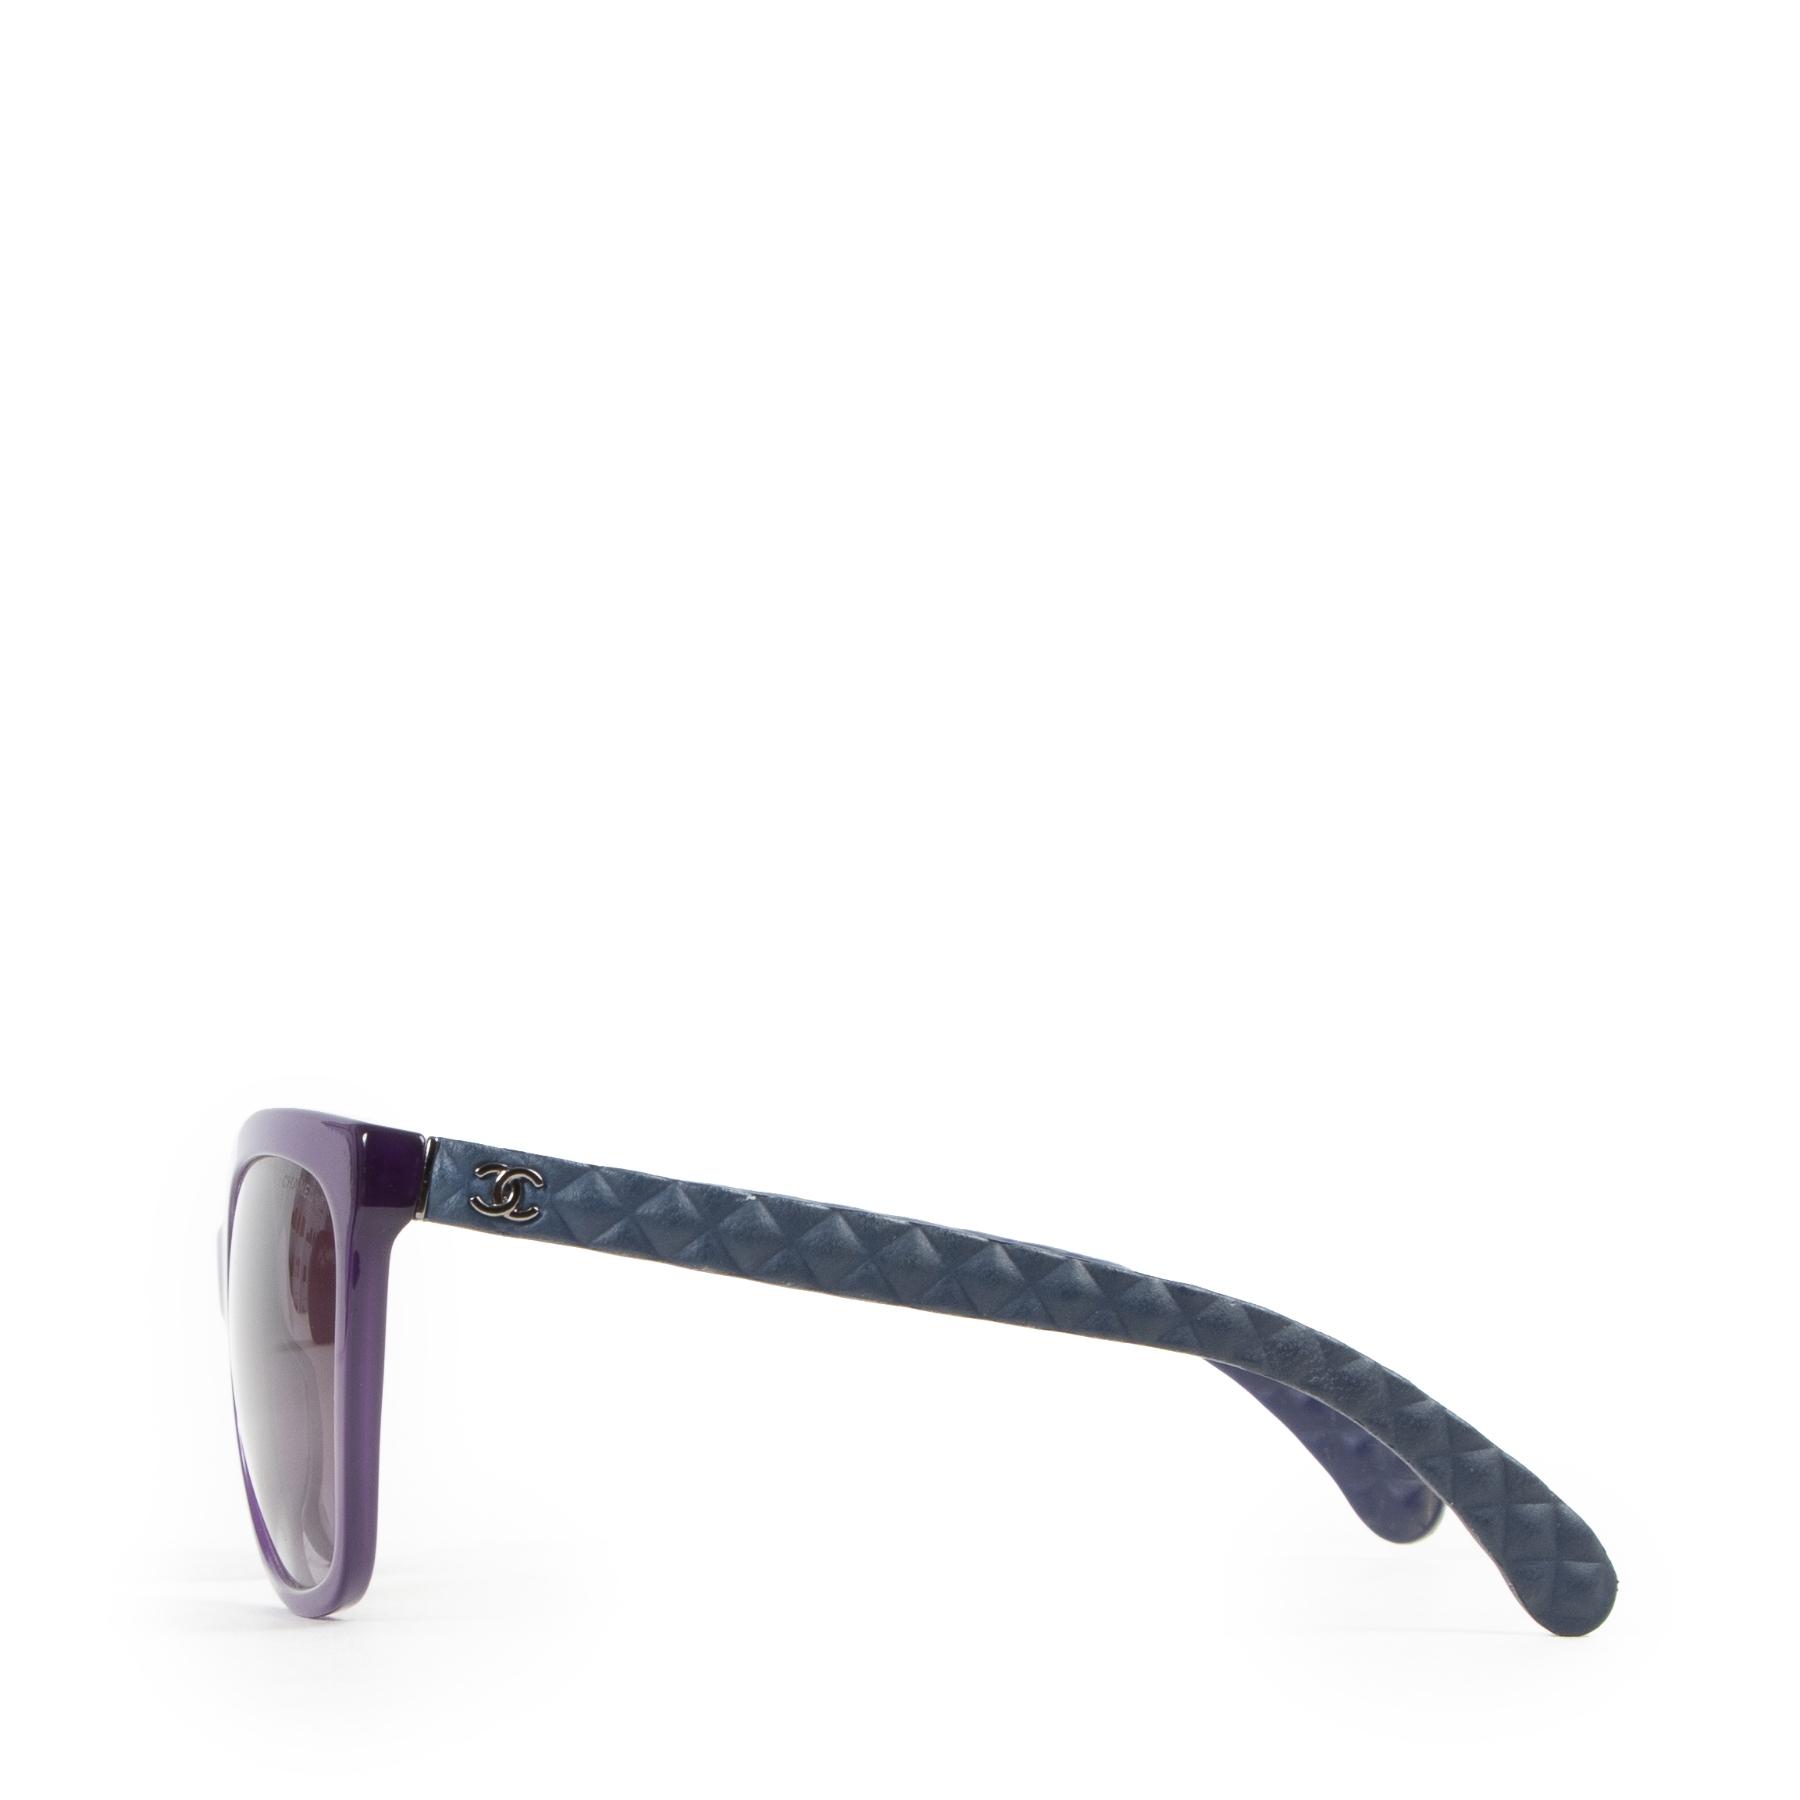 Koop authentieke tweedehands Chanel zonnebrillen met juiste prijs bij LabelLOV.